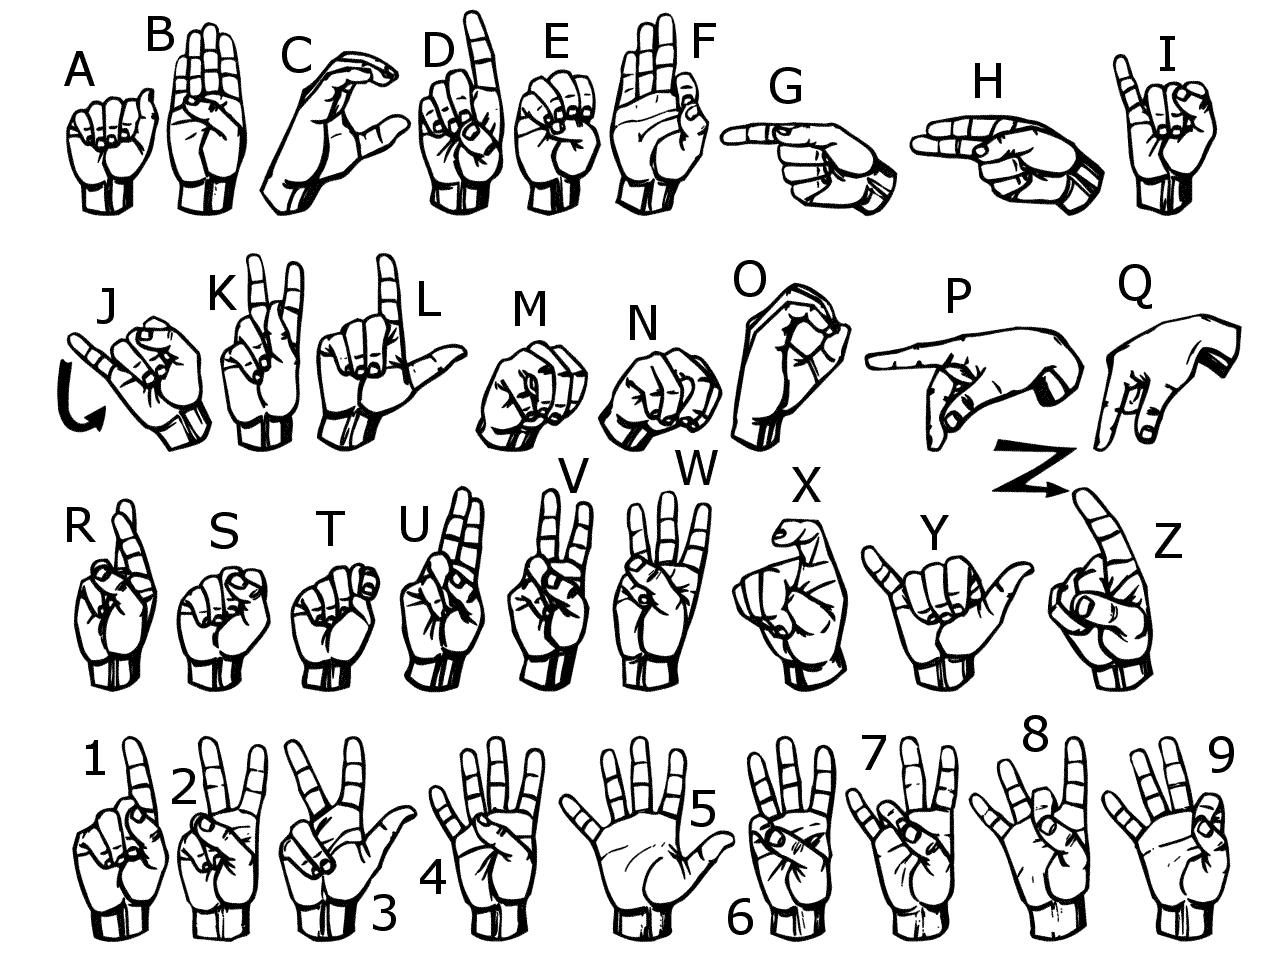 Fingerspelled alphabet